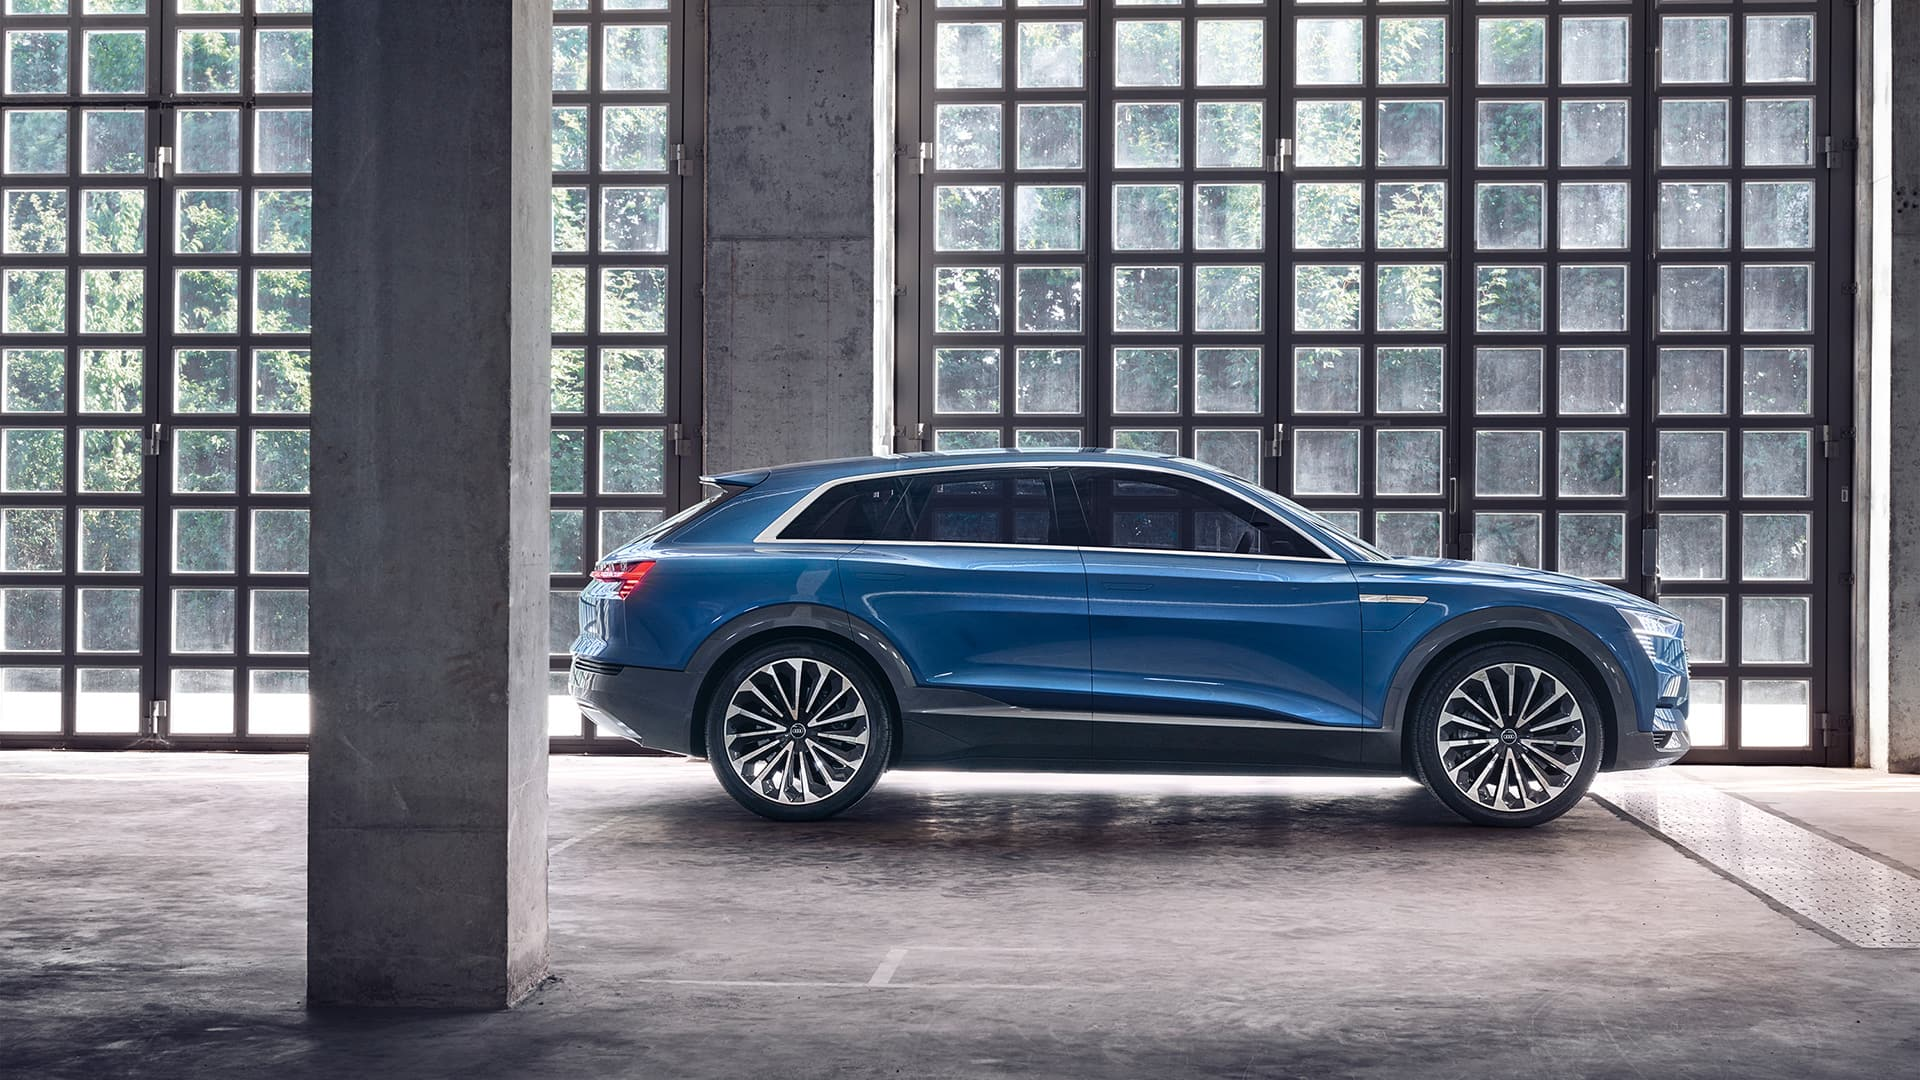 Audi e-tron quattro concept > tron > Audi Middle East